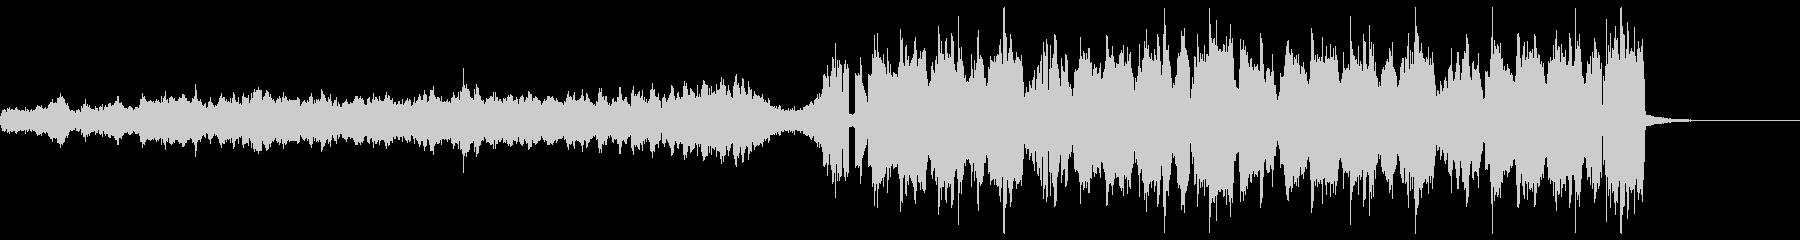 テンポの速い変則ビートの未再生の波形